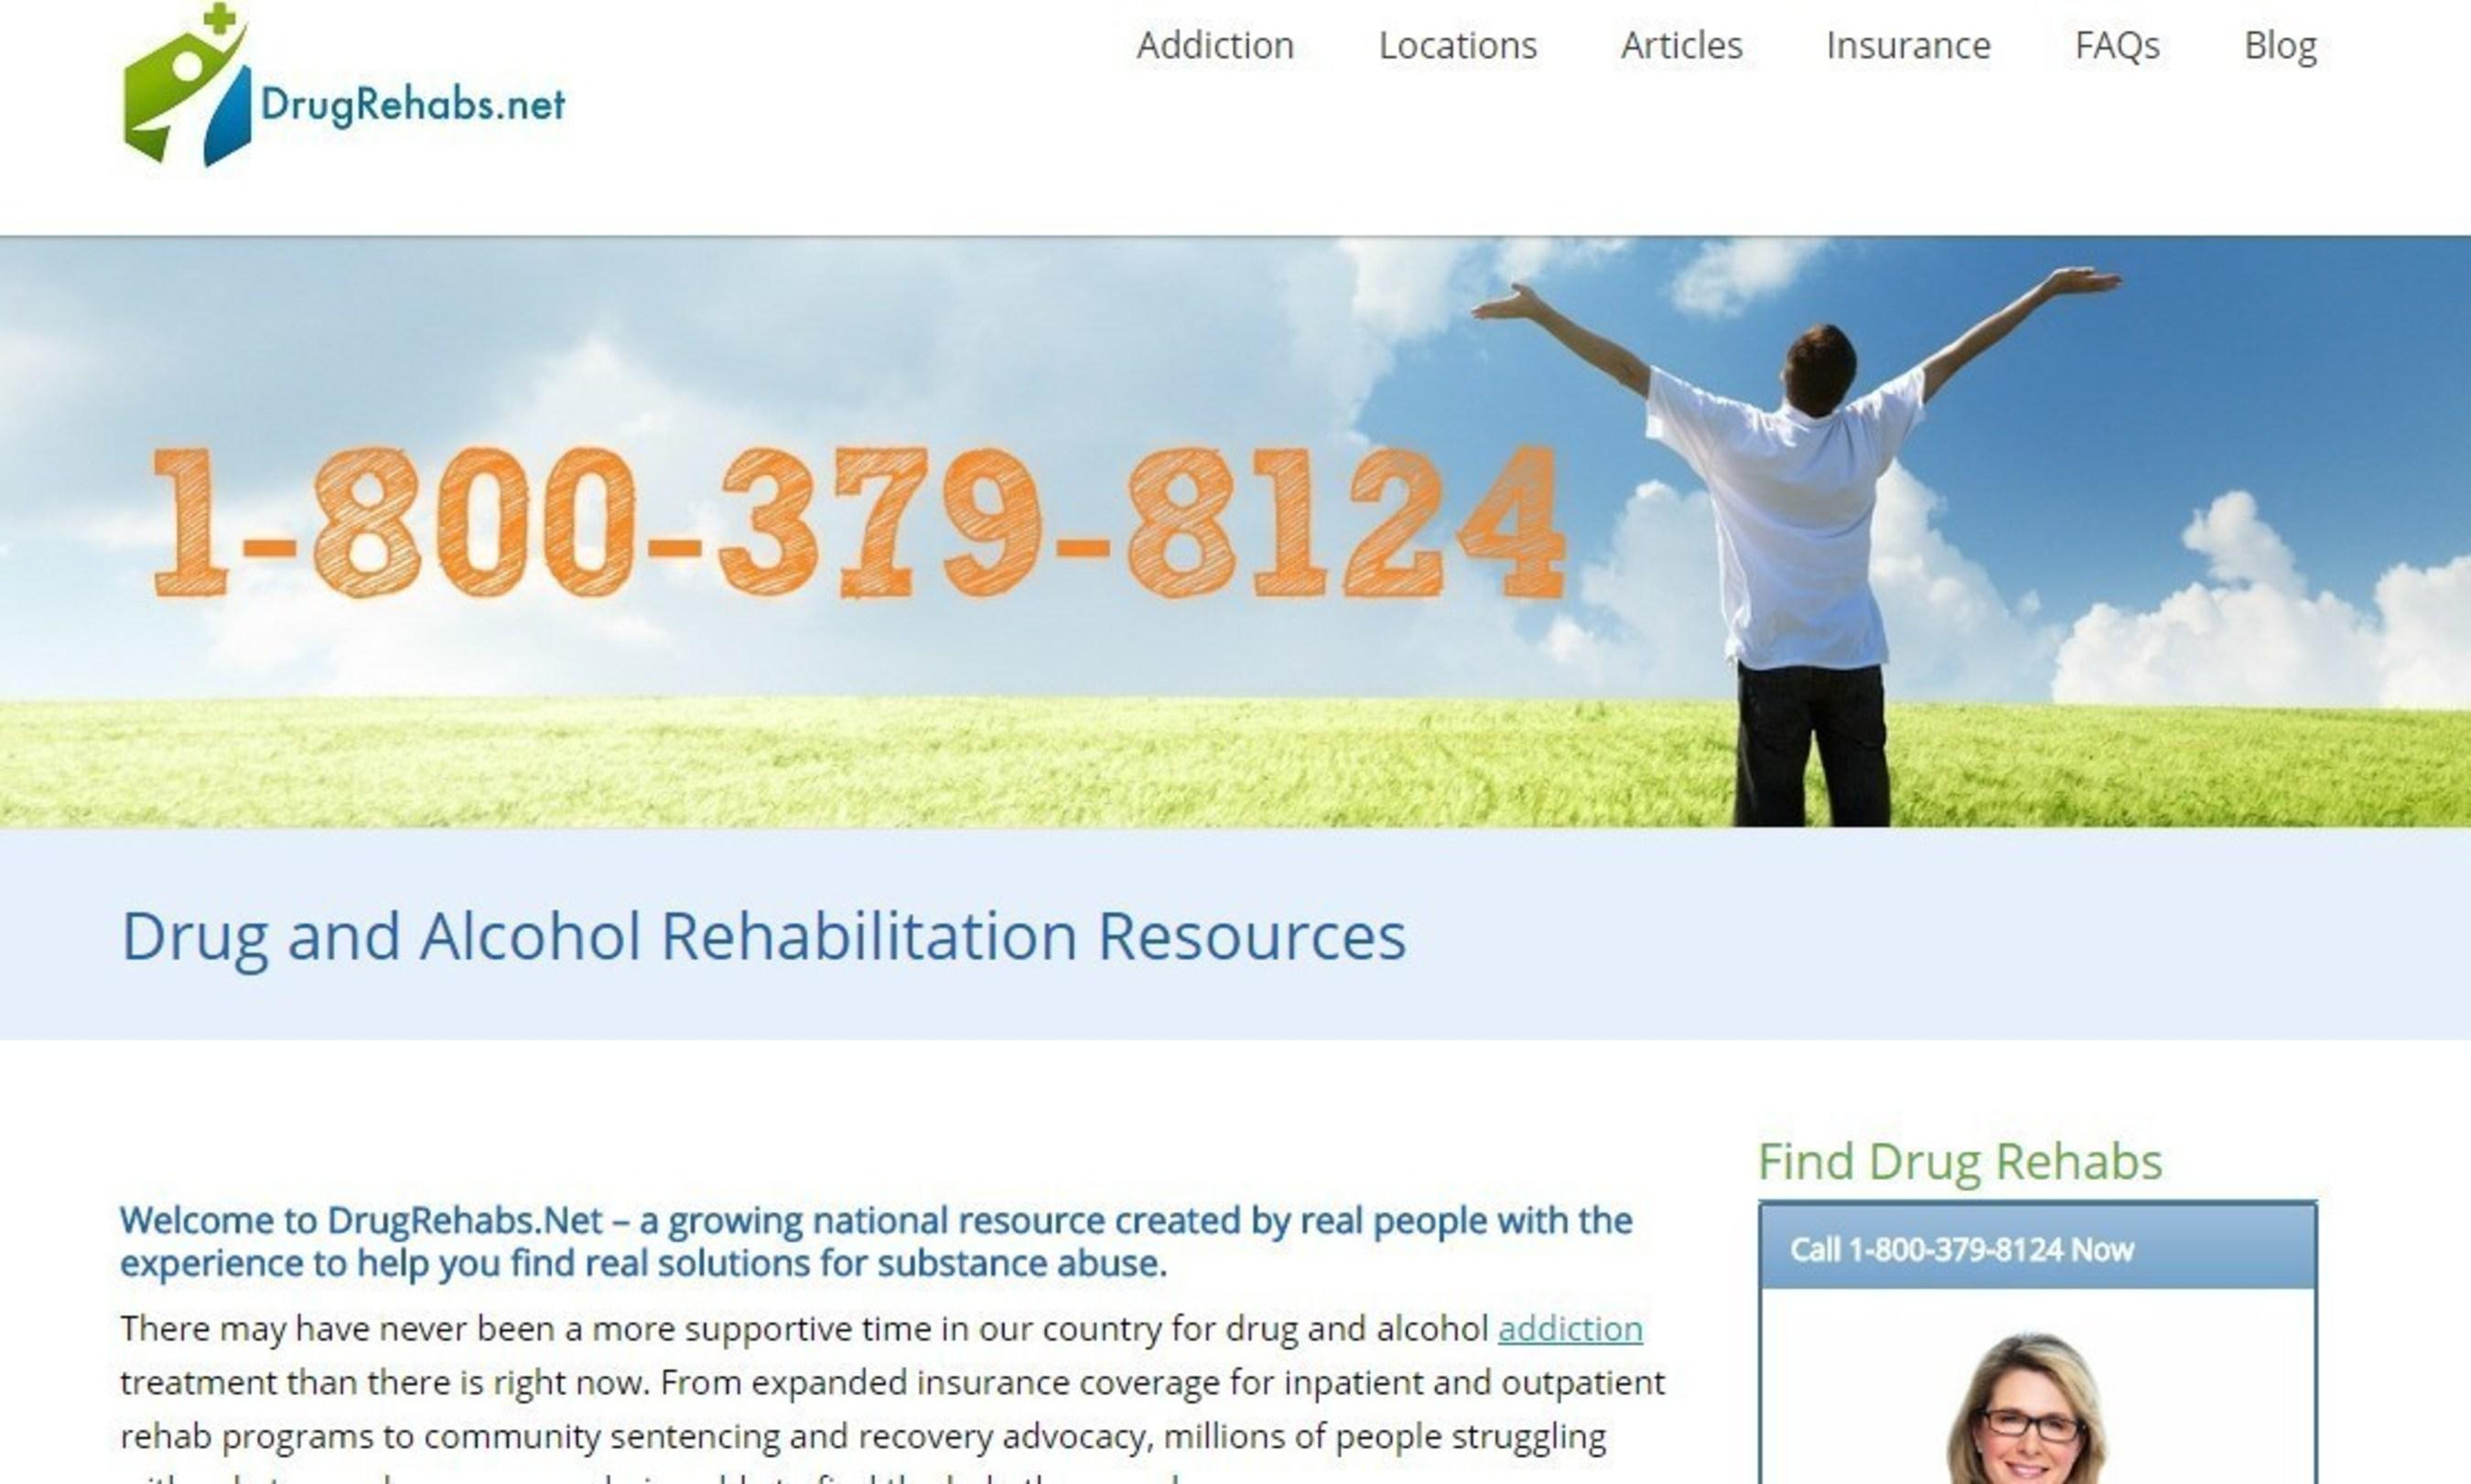 screen shot of DrugRehabs.net